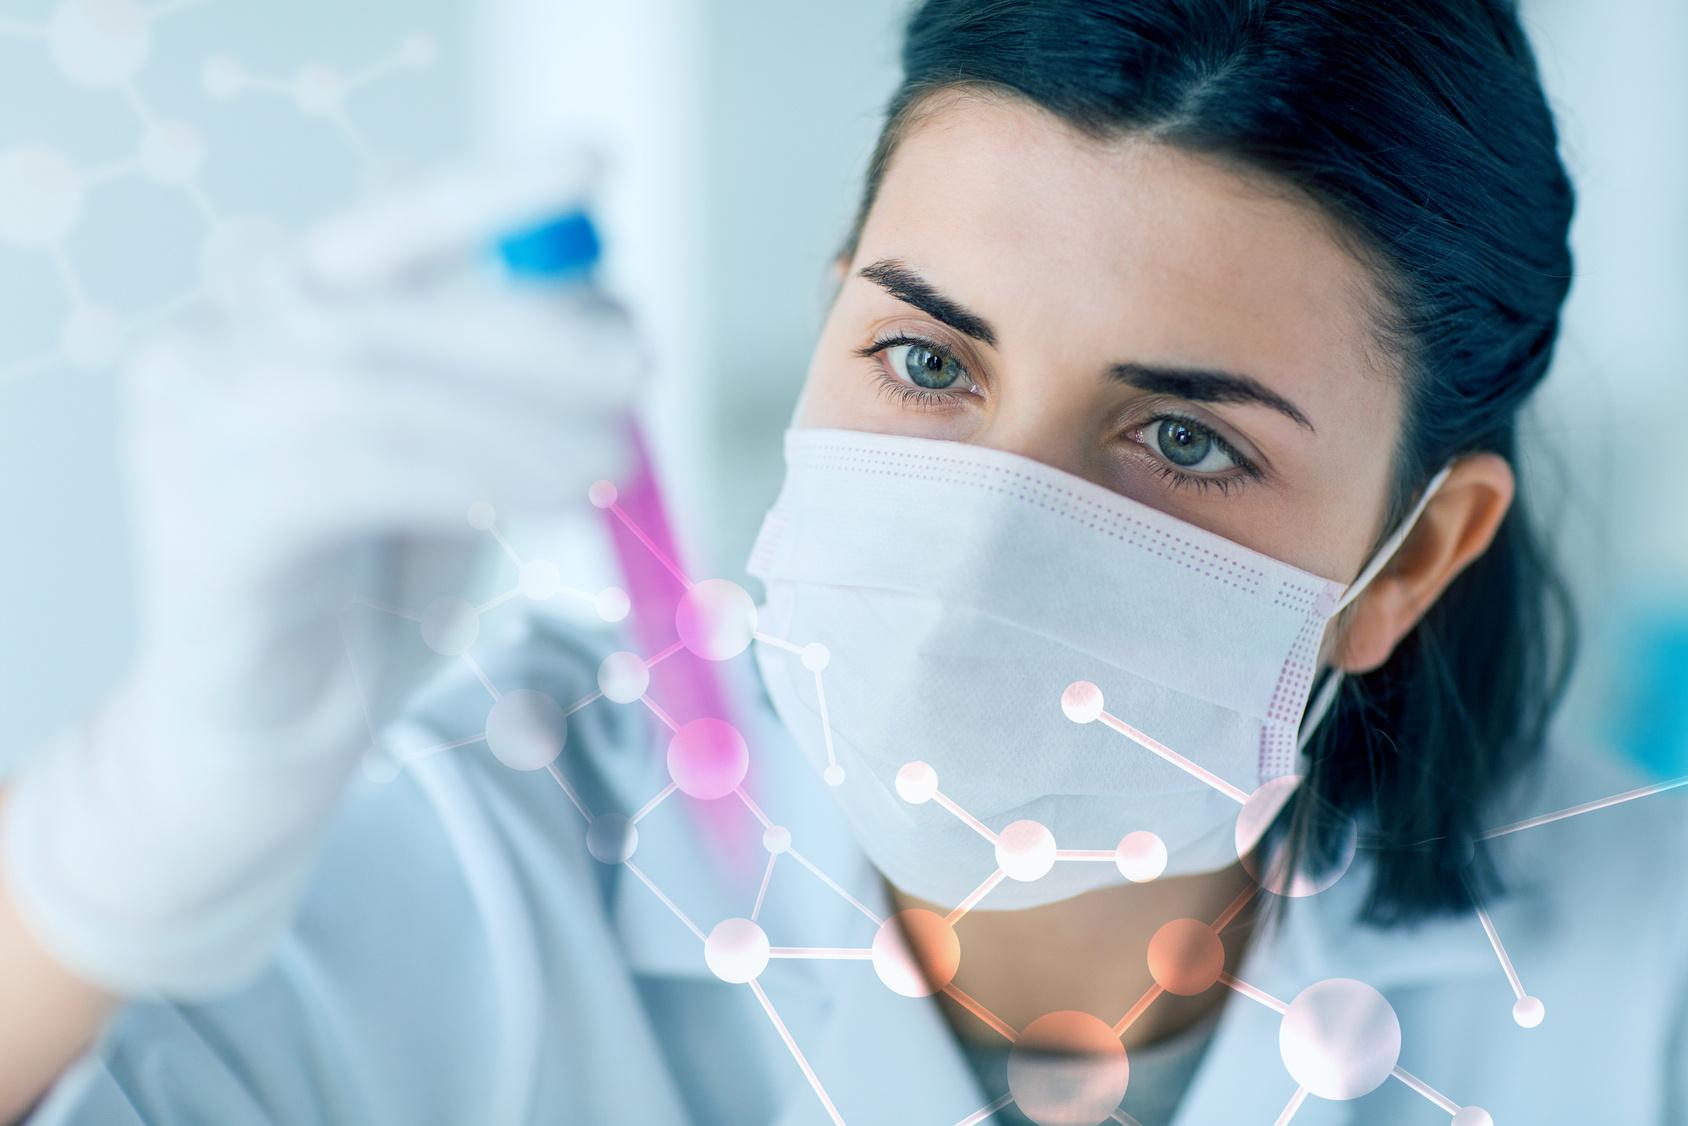 Rejestr SCIP. Obowiązek zgłoszenia produktów zawierających substancje potencjalnie niebezpieczne do europejskiej agencji chemicznej